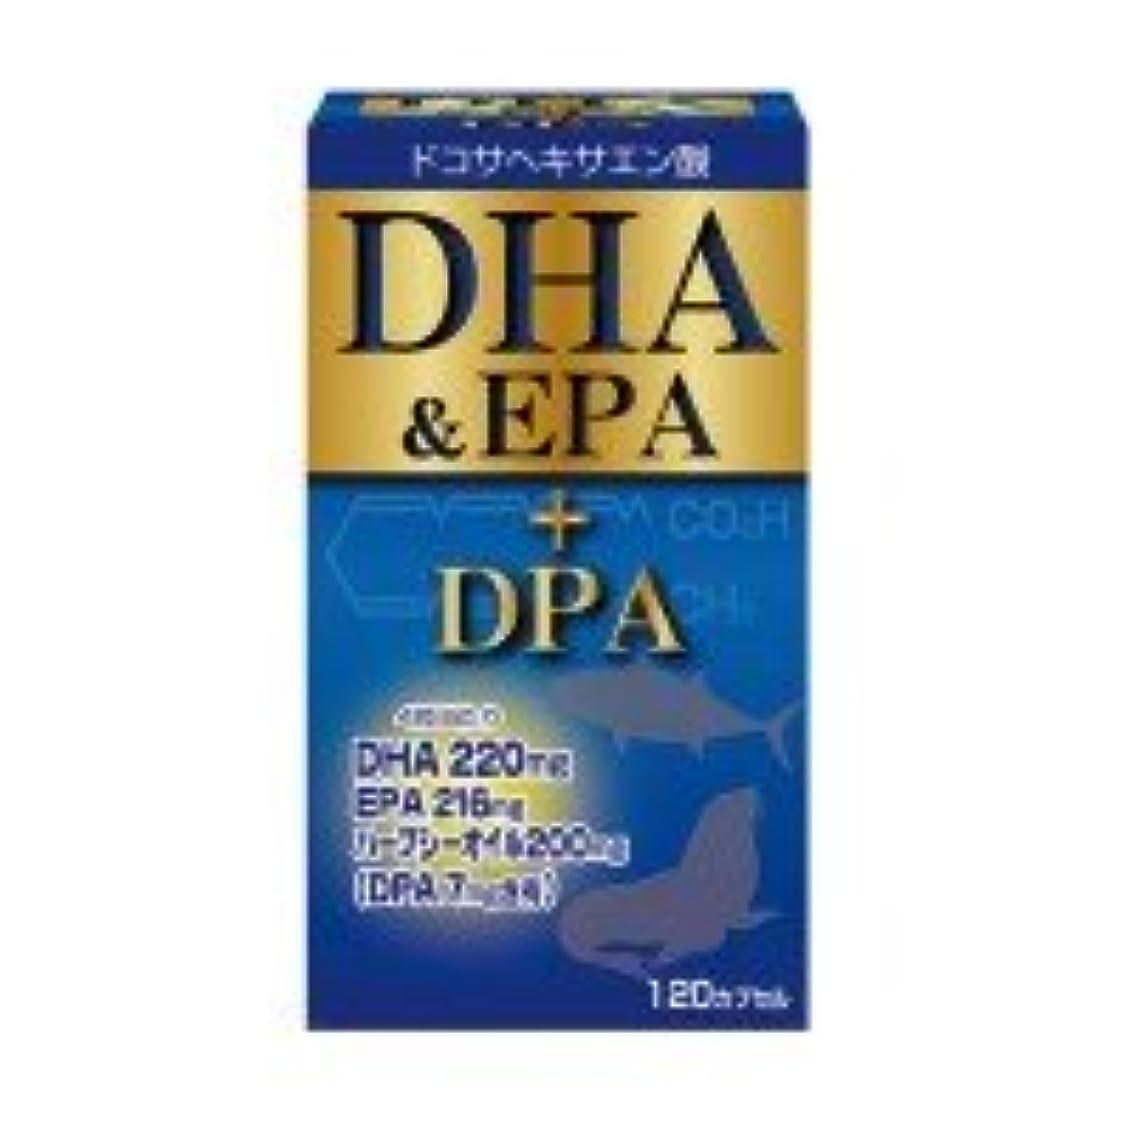 ユーワ DHA&EPA+DPA 120カプセル (品番:3091)